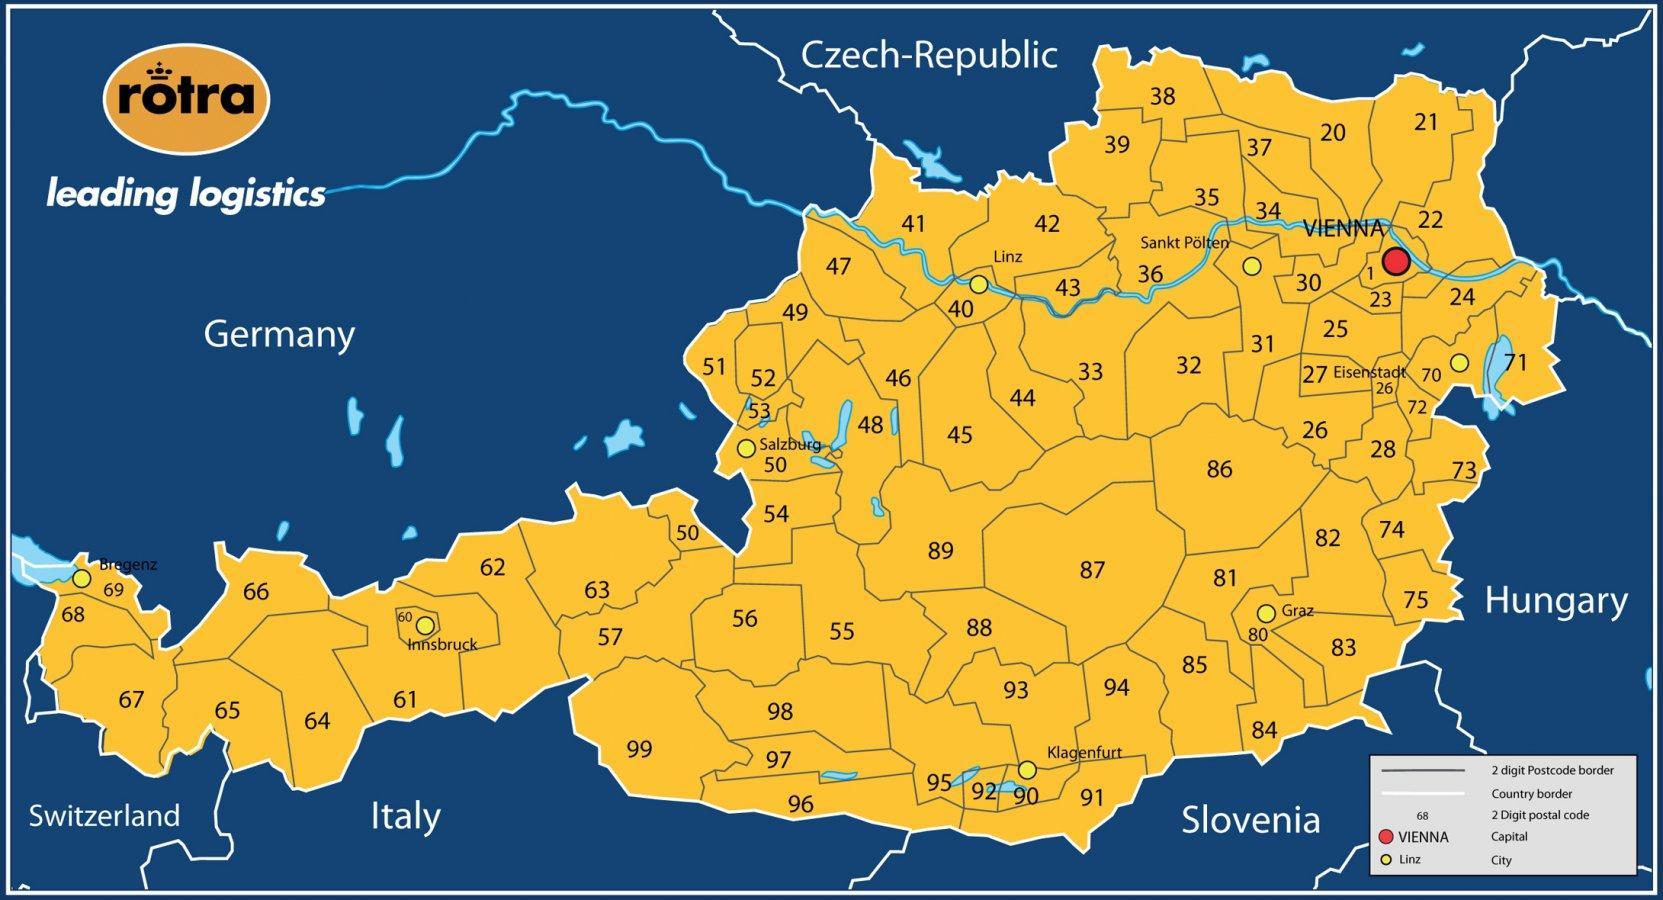 Osterreich Plz Karte Karte Von Osterreich Plz Western Europe